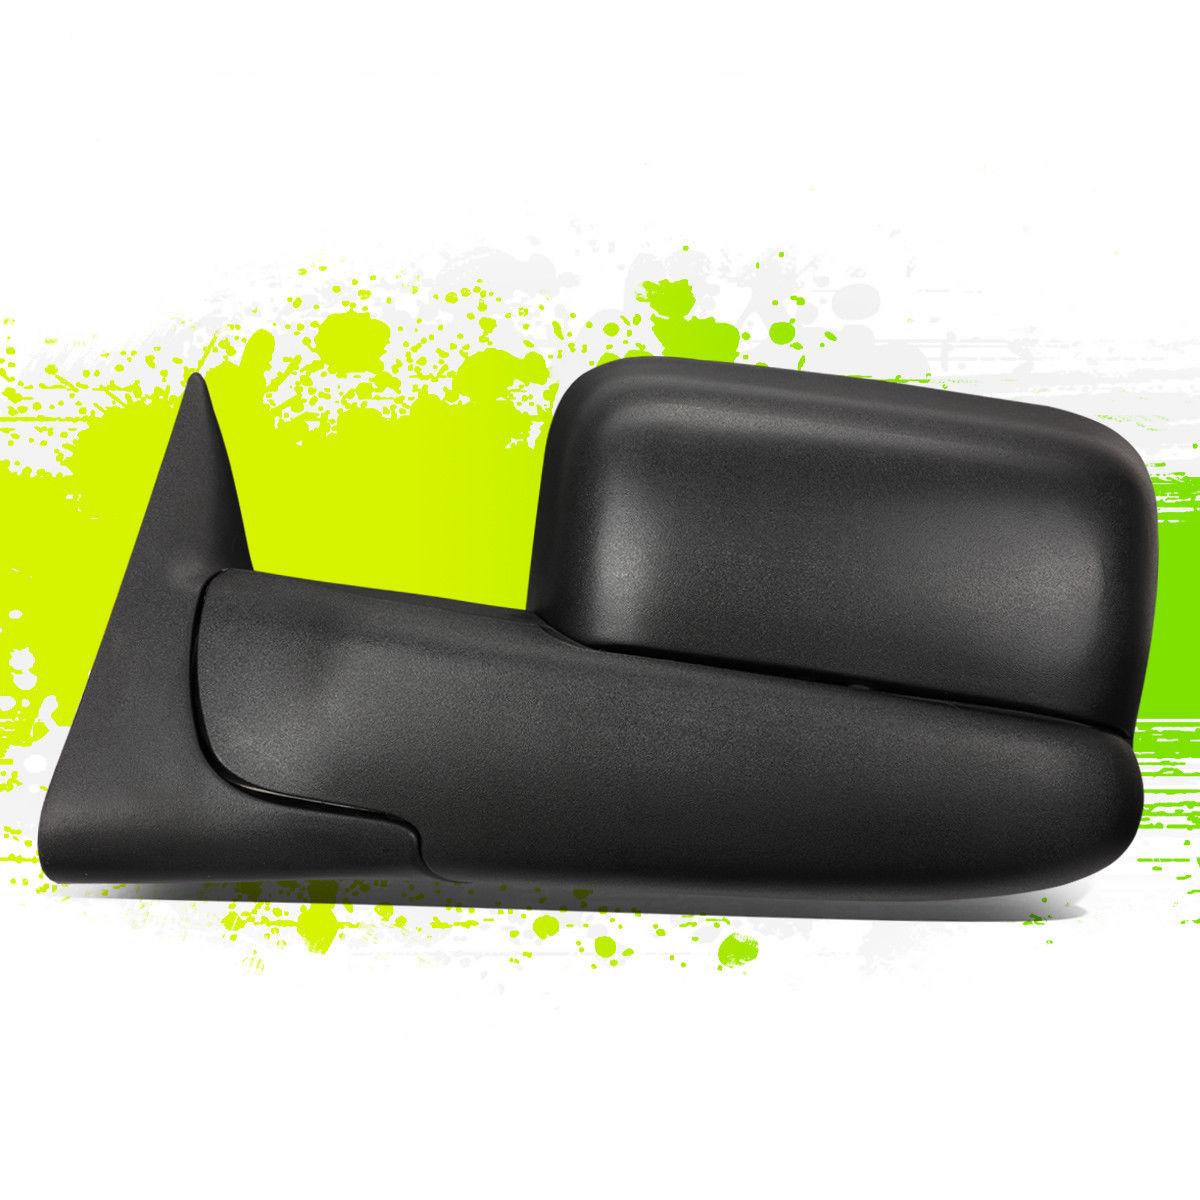 ミラー DRIVER SIDE POWERED ADJUSTMENT TOW TOWING MIRROR W/HEATED FOR 02-09 DODGE RAM ドライバーサイドパワードアジャスタータワータウニングミラーW / 02-09ダッジRAM用